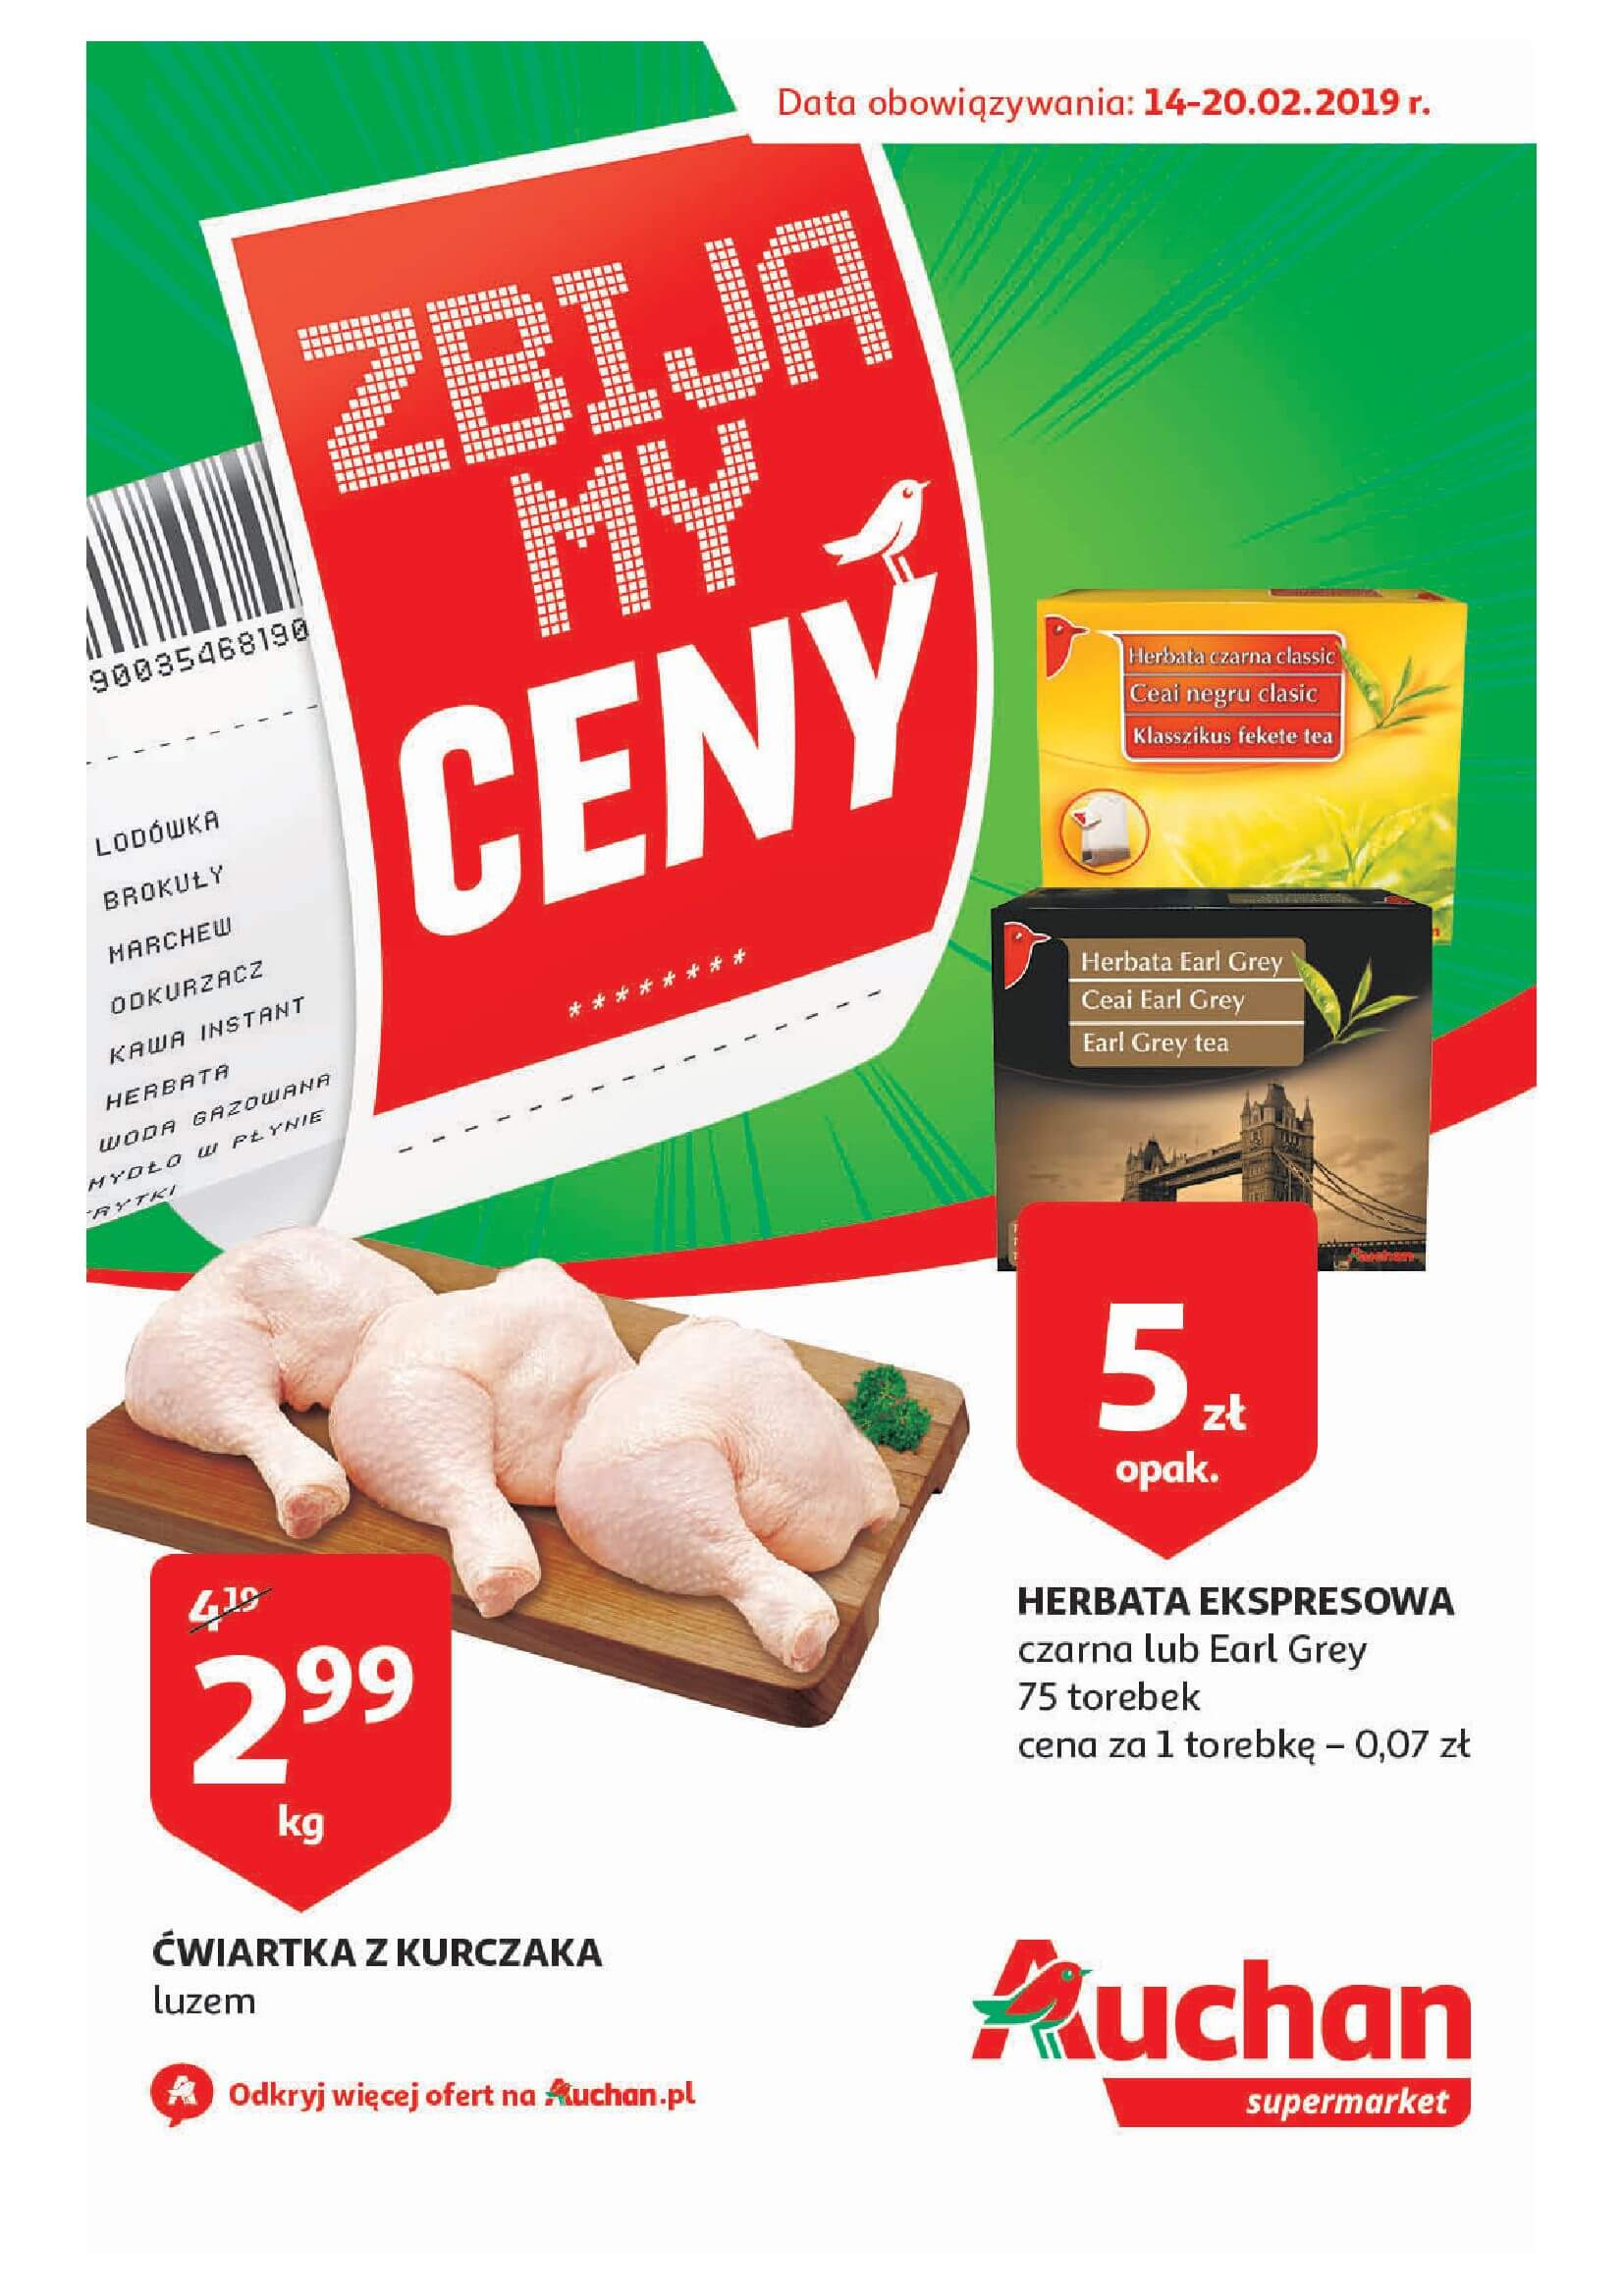 Gazetka Auchan - Zbijamy ceny cz. III - Auchan Supermarket-13.02.2019-20.02.2019-page-